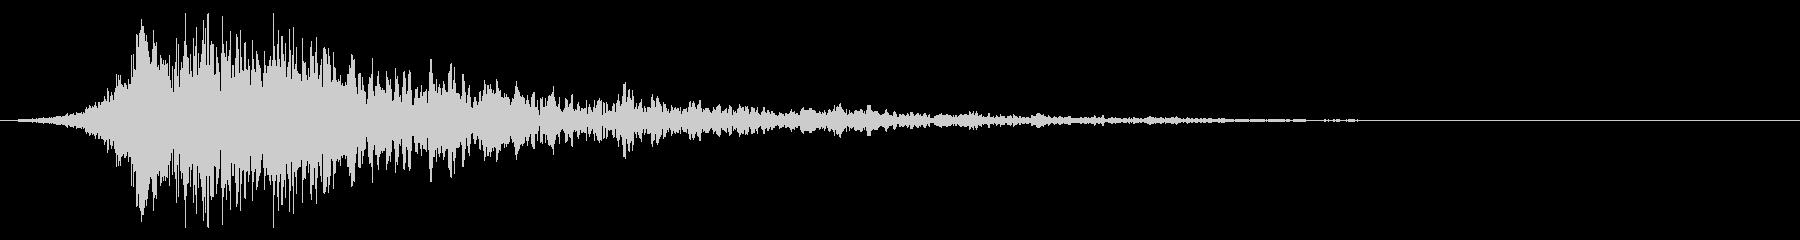 シュードーン-40-2(インパクト音)の未再生の波形